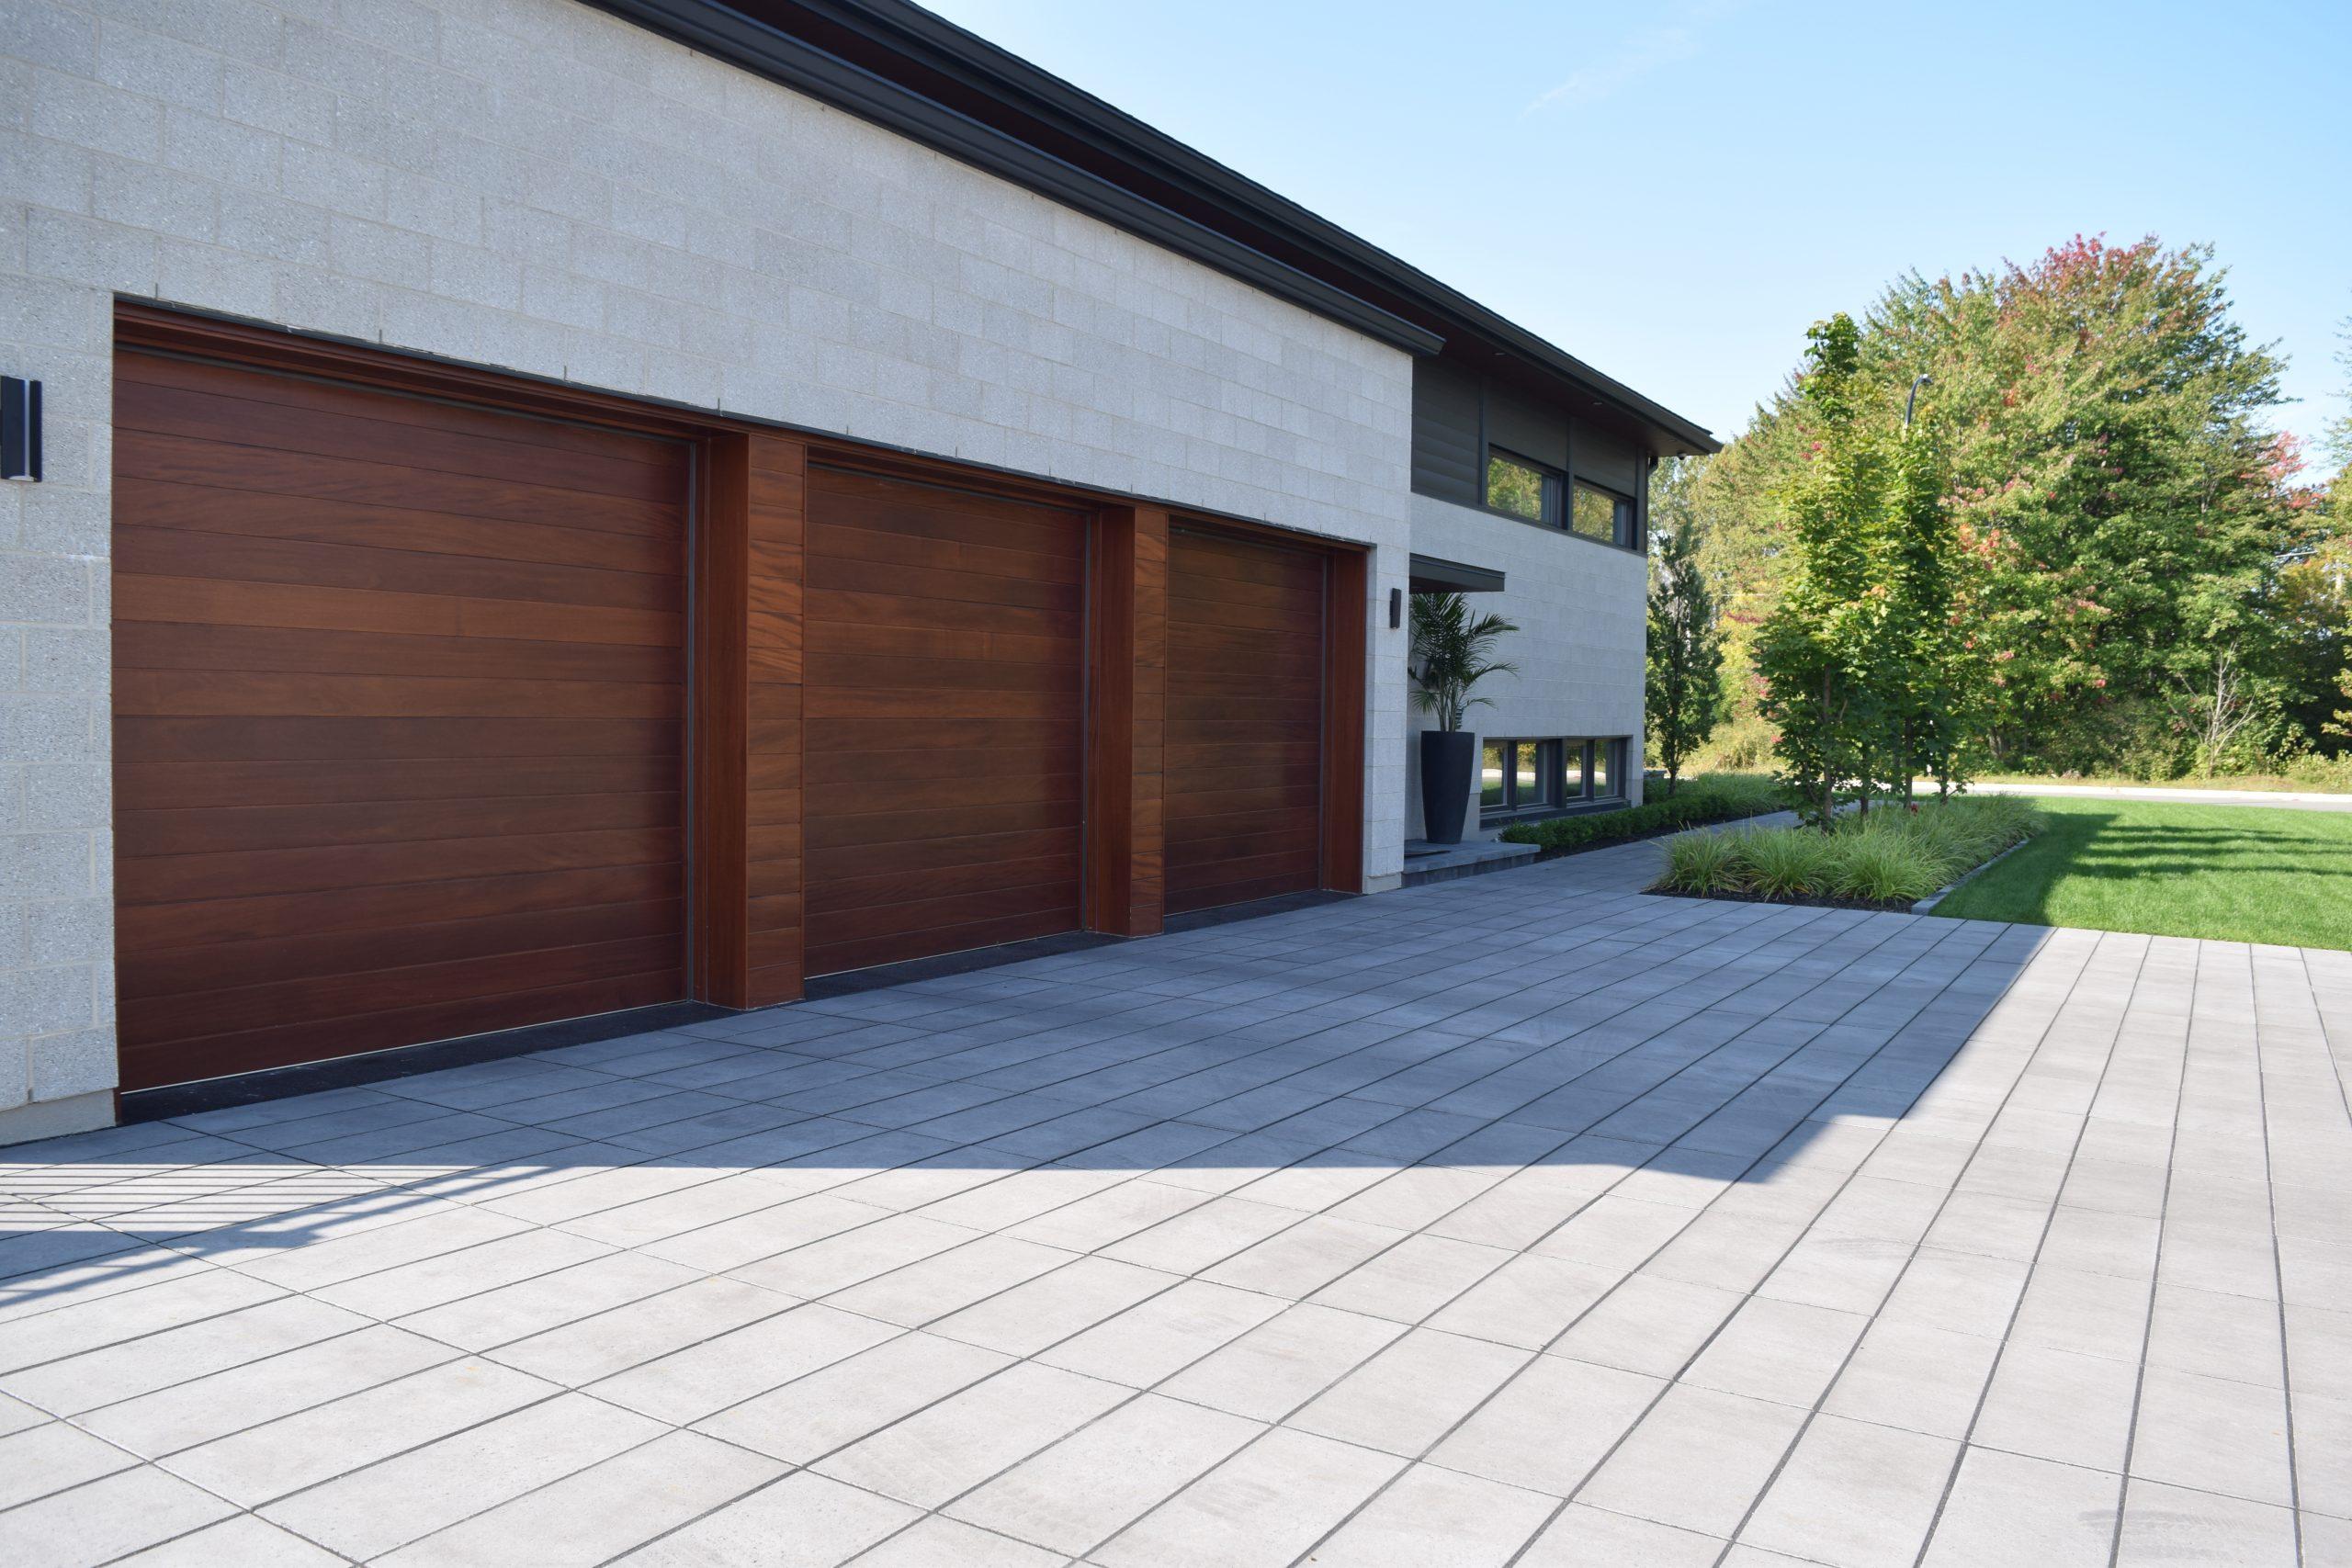 Pavé & paysagiste Boisbriand - Résidentiel - Commercial - Aménagement - Stationnement mixte